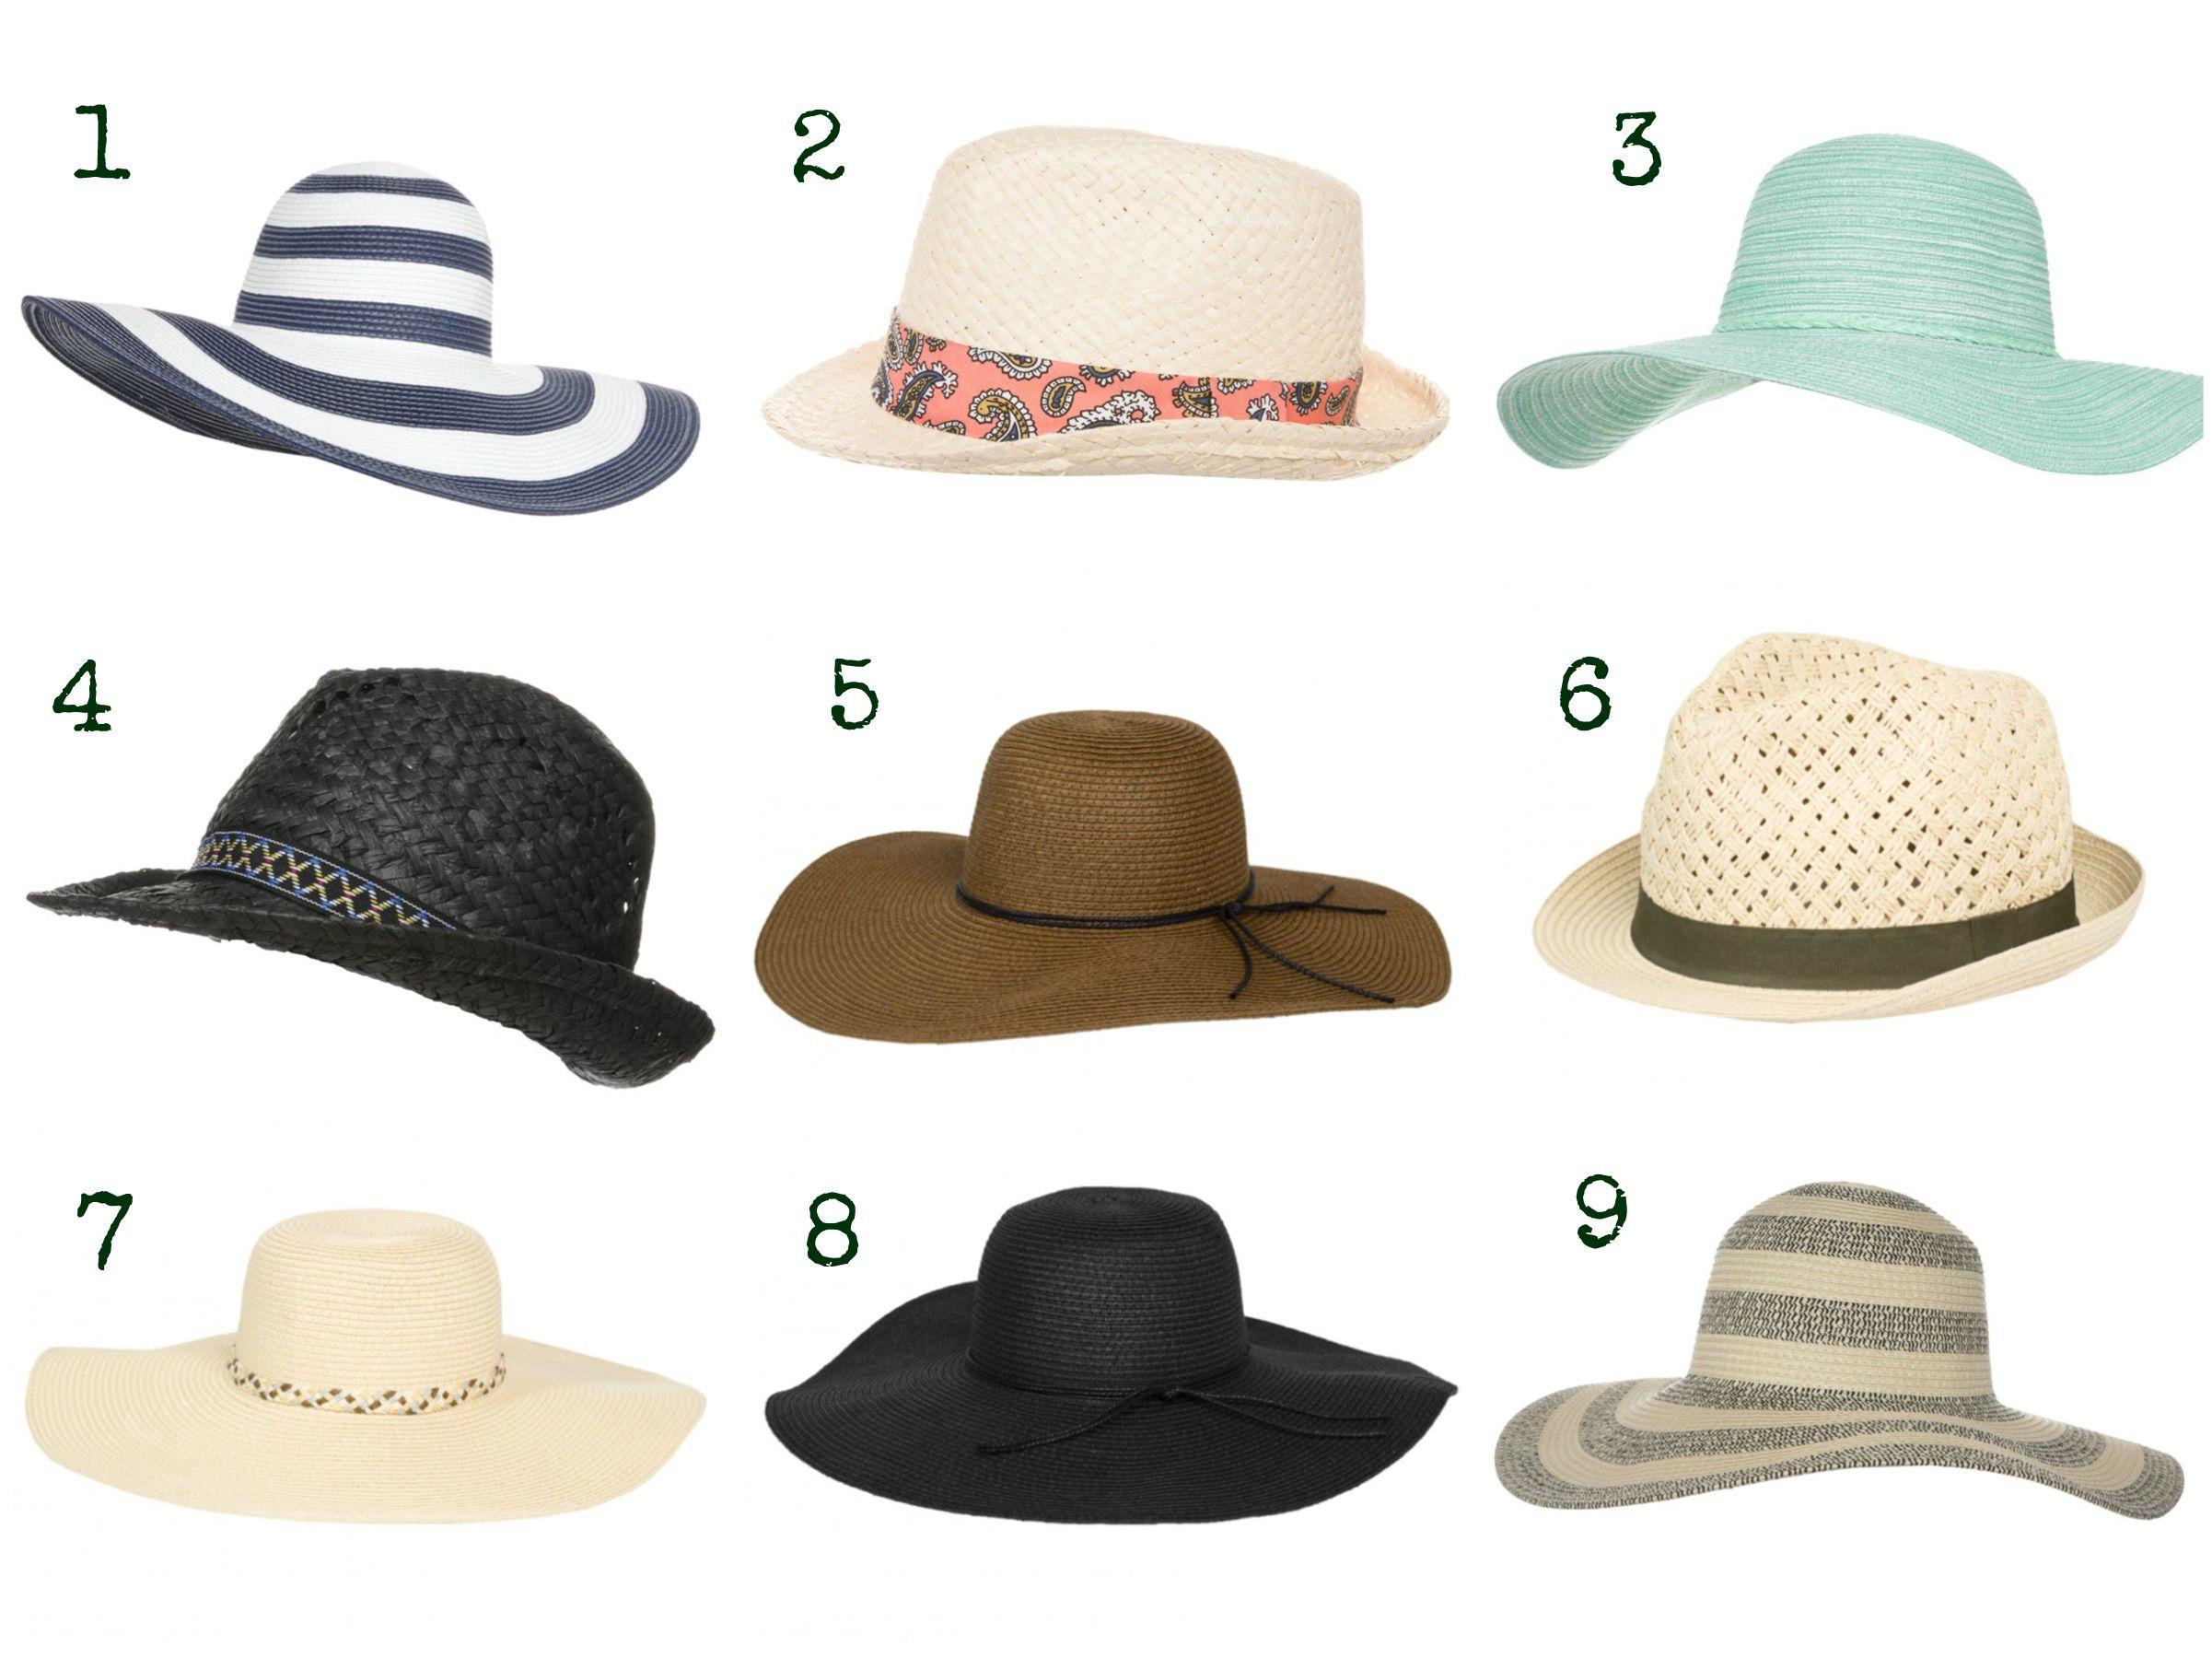 najmodniejsze kapelusze